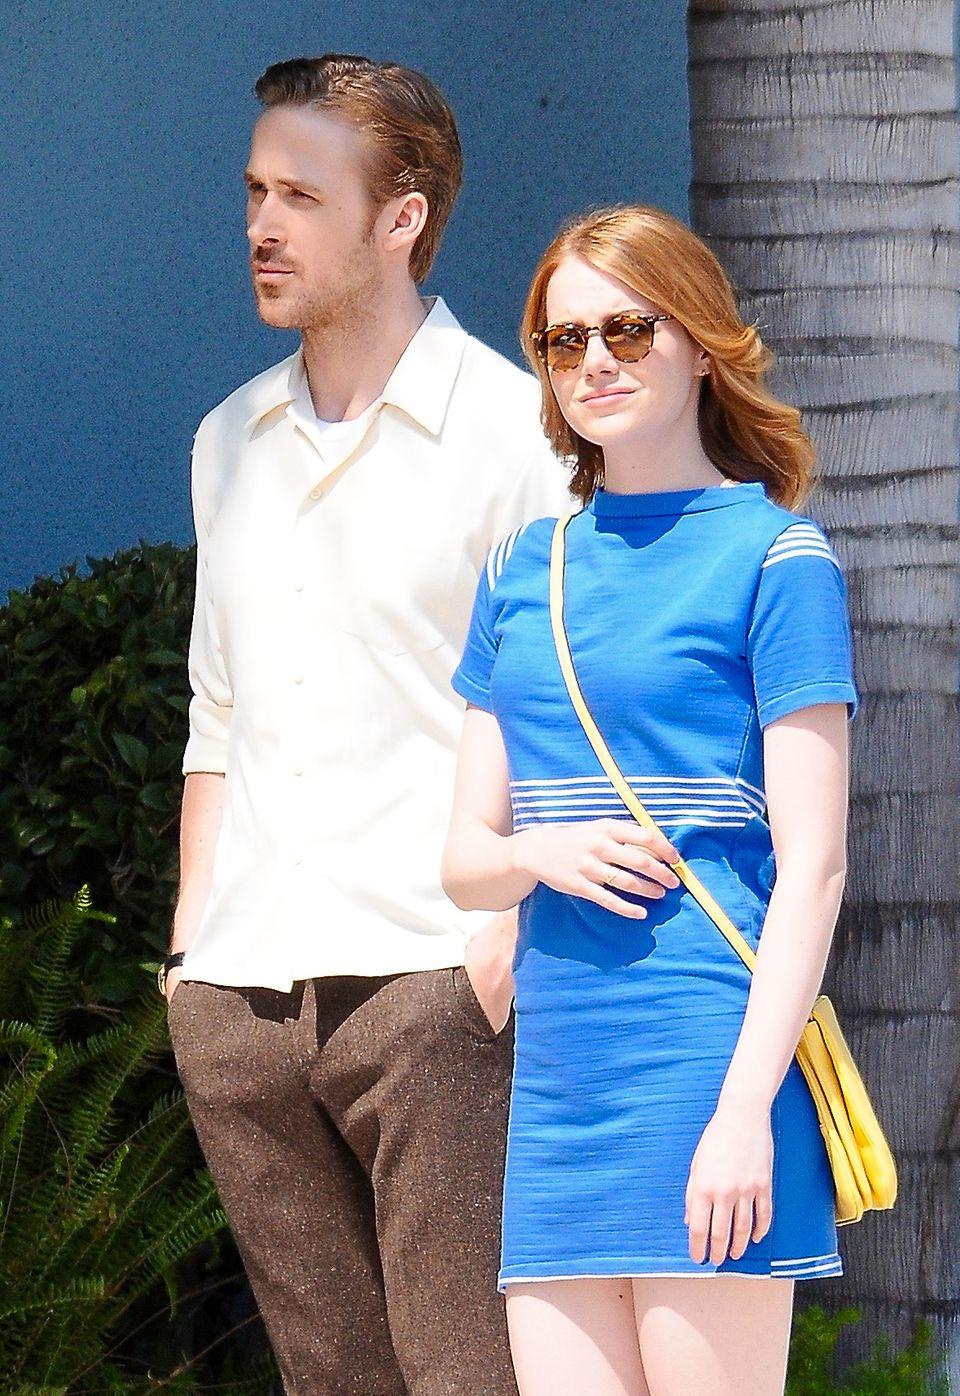 """19. August 2015: Für den Film """"La La Land"""" stehen Ryan Gosling und Emma Stone endlich wieder gemeinsam vor der Kamera."""